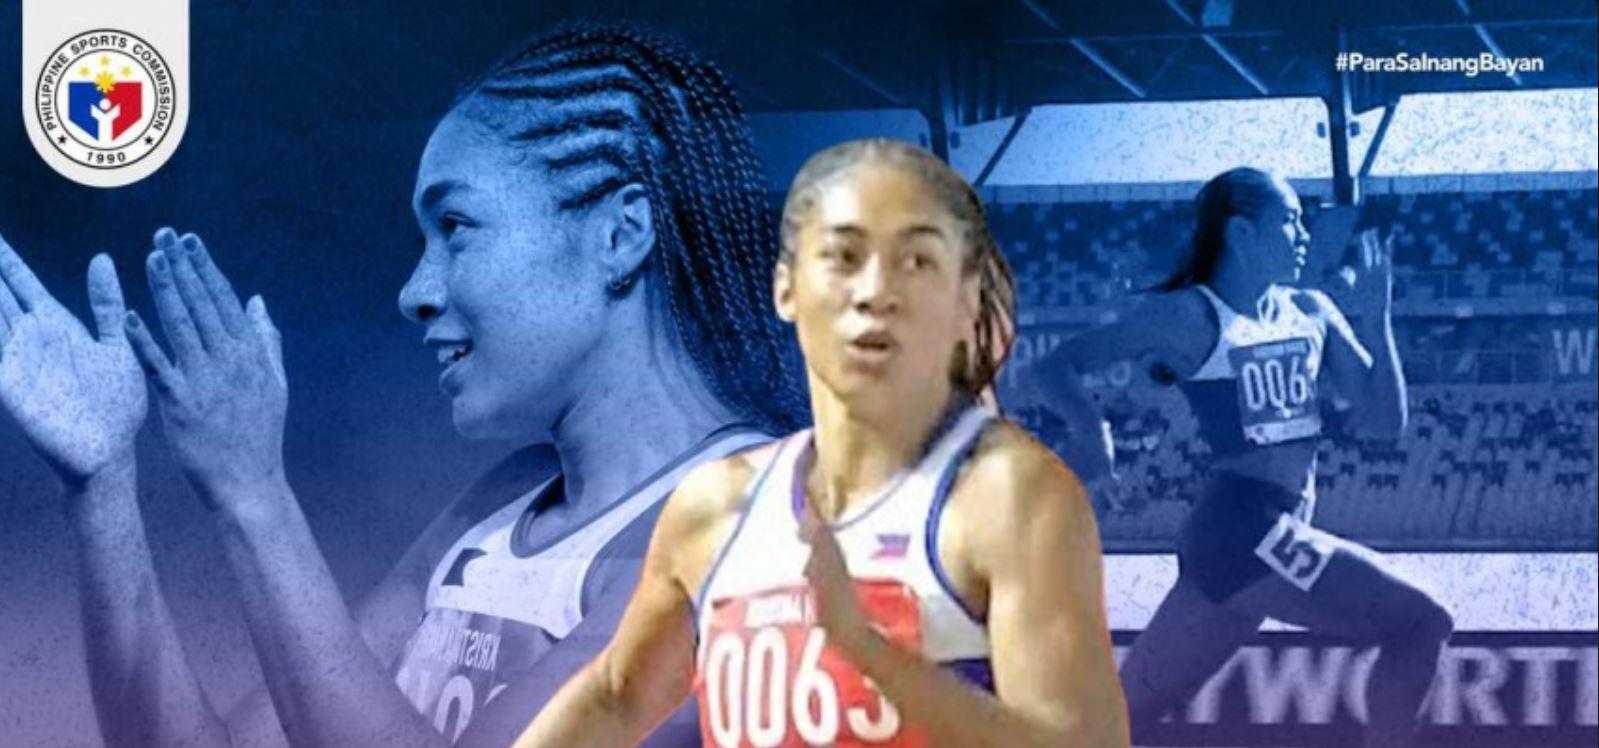 Filipino sprinter Kristina Knott